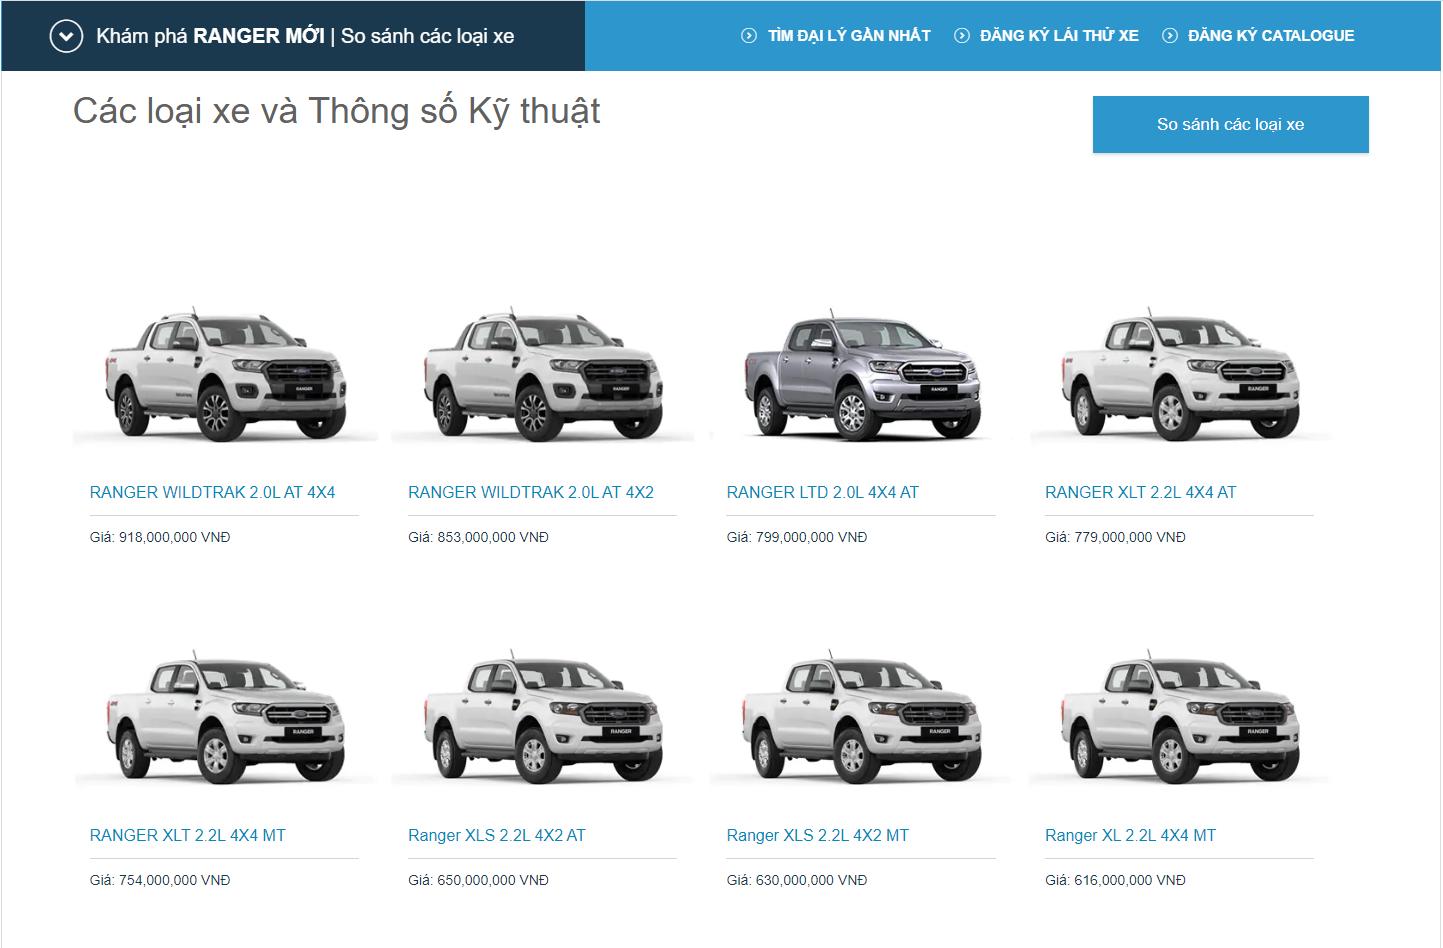 Ford Ranger dòng bán tải bán chạy nhất nước ta có tới 8 phiên bản khác nhau.